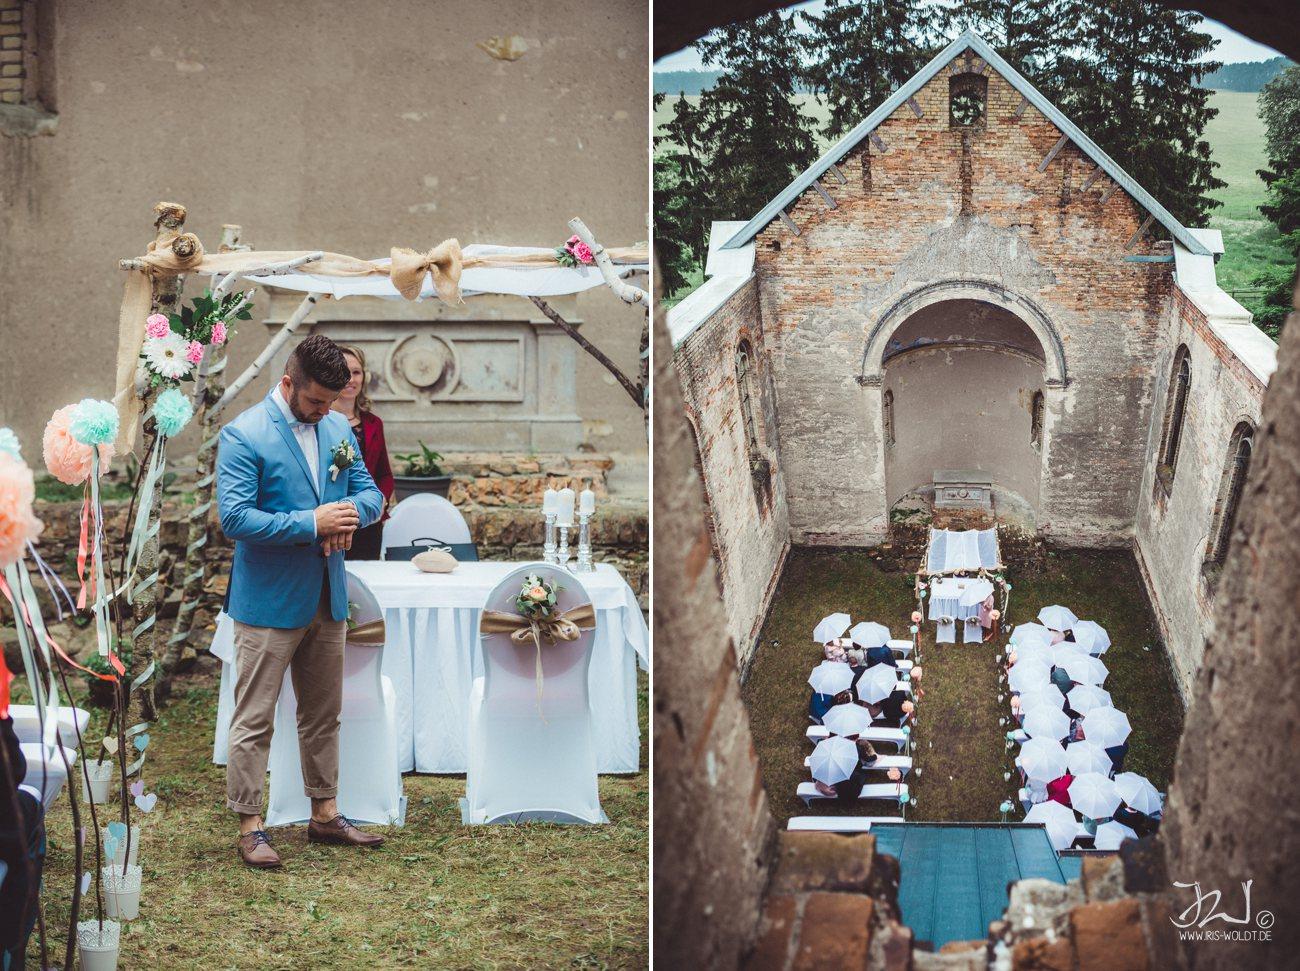 Hochzeitsfotograf_Altthymen_MuehleTornow_IrisWoldt 26